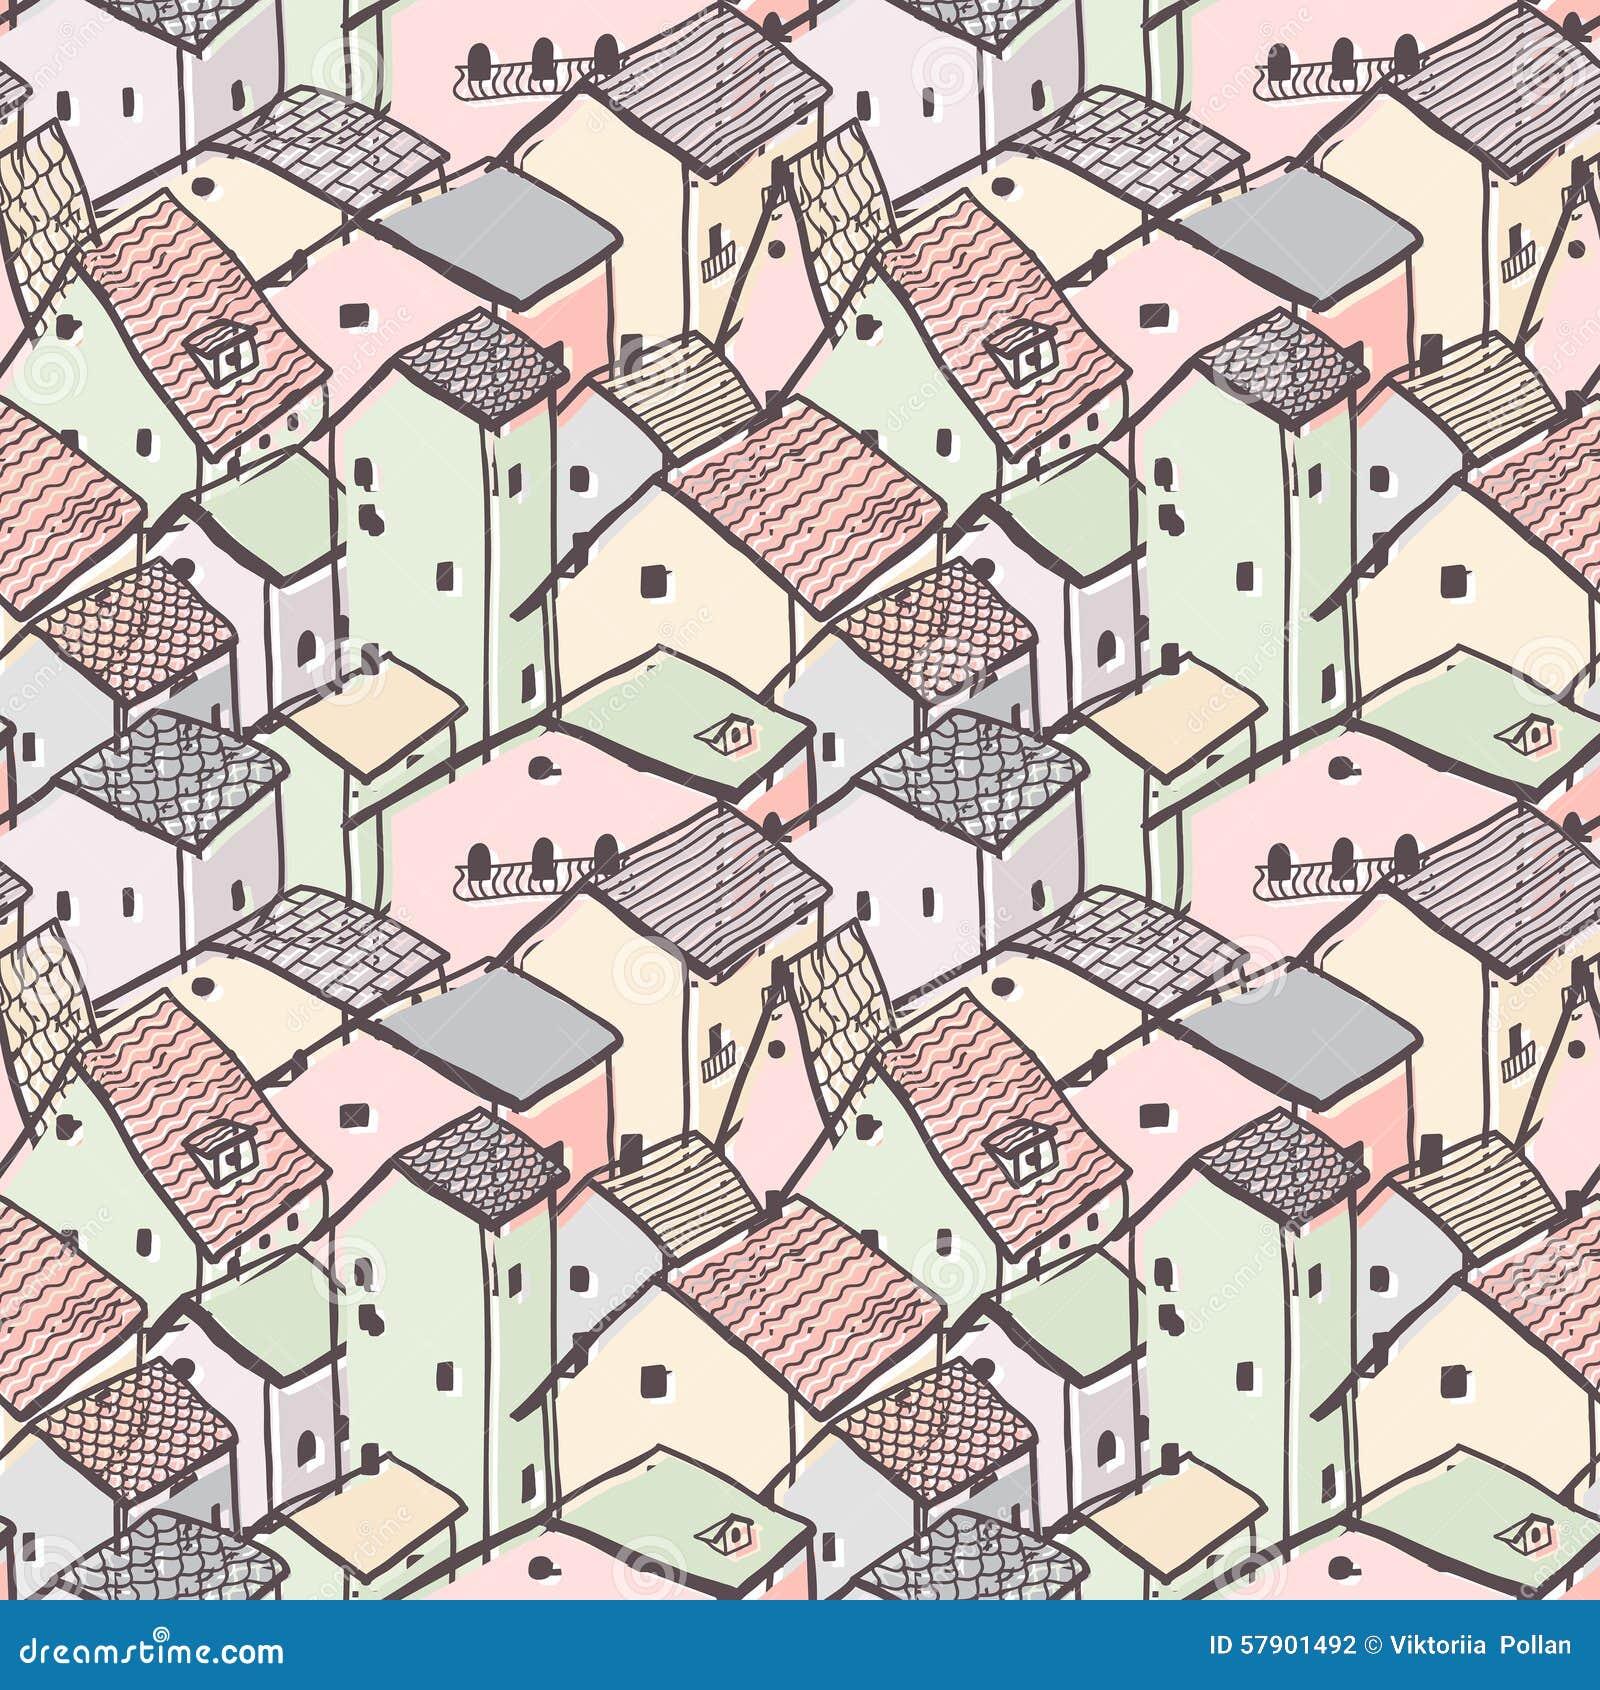 Modèle sans couture de vecteur de maison naïve mignonne modèle de ville configuration multicolore dessin de style denfants